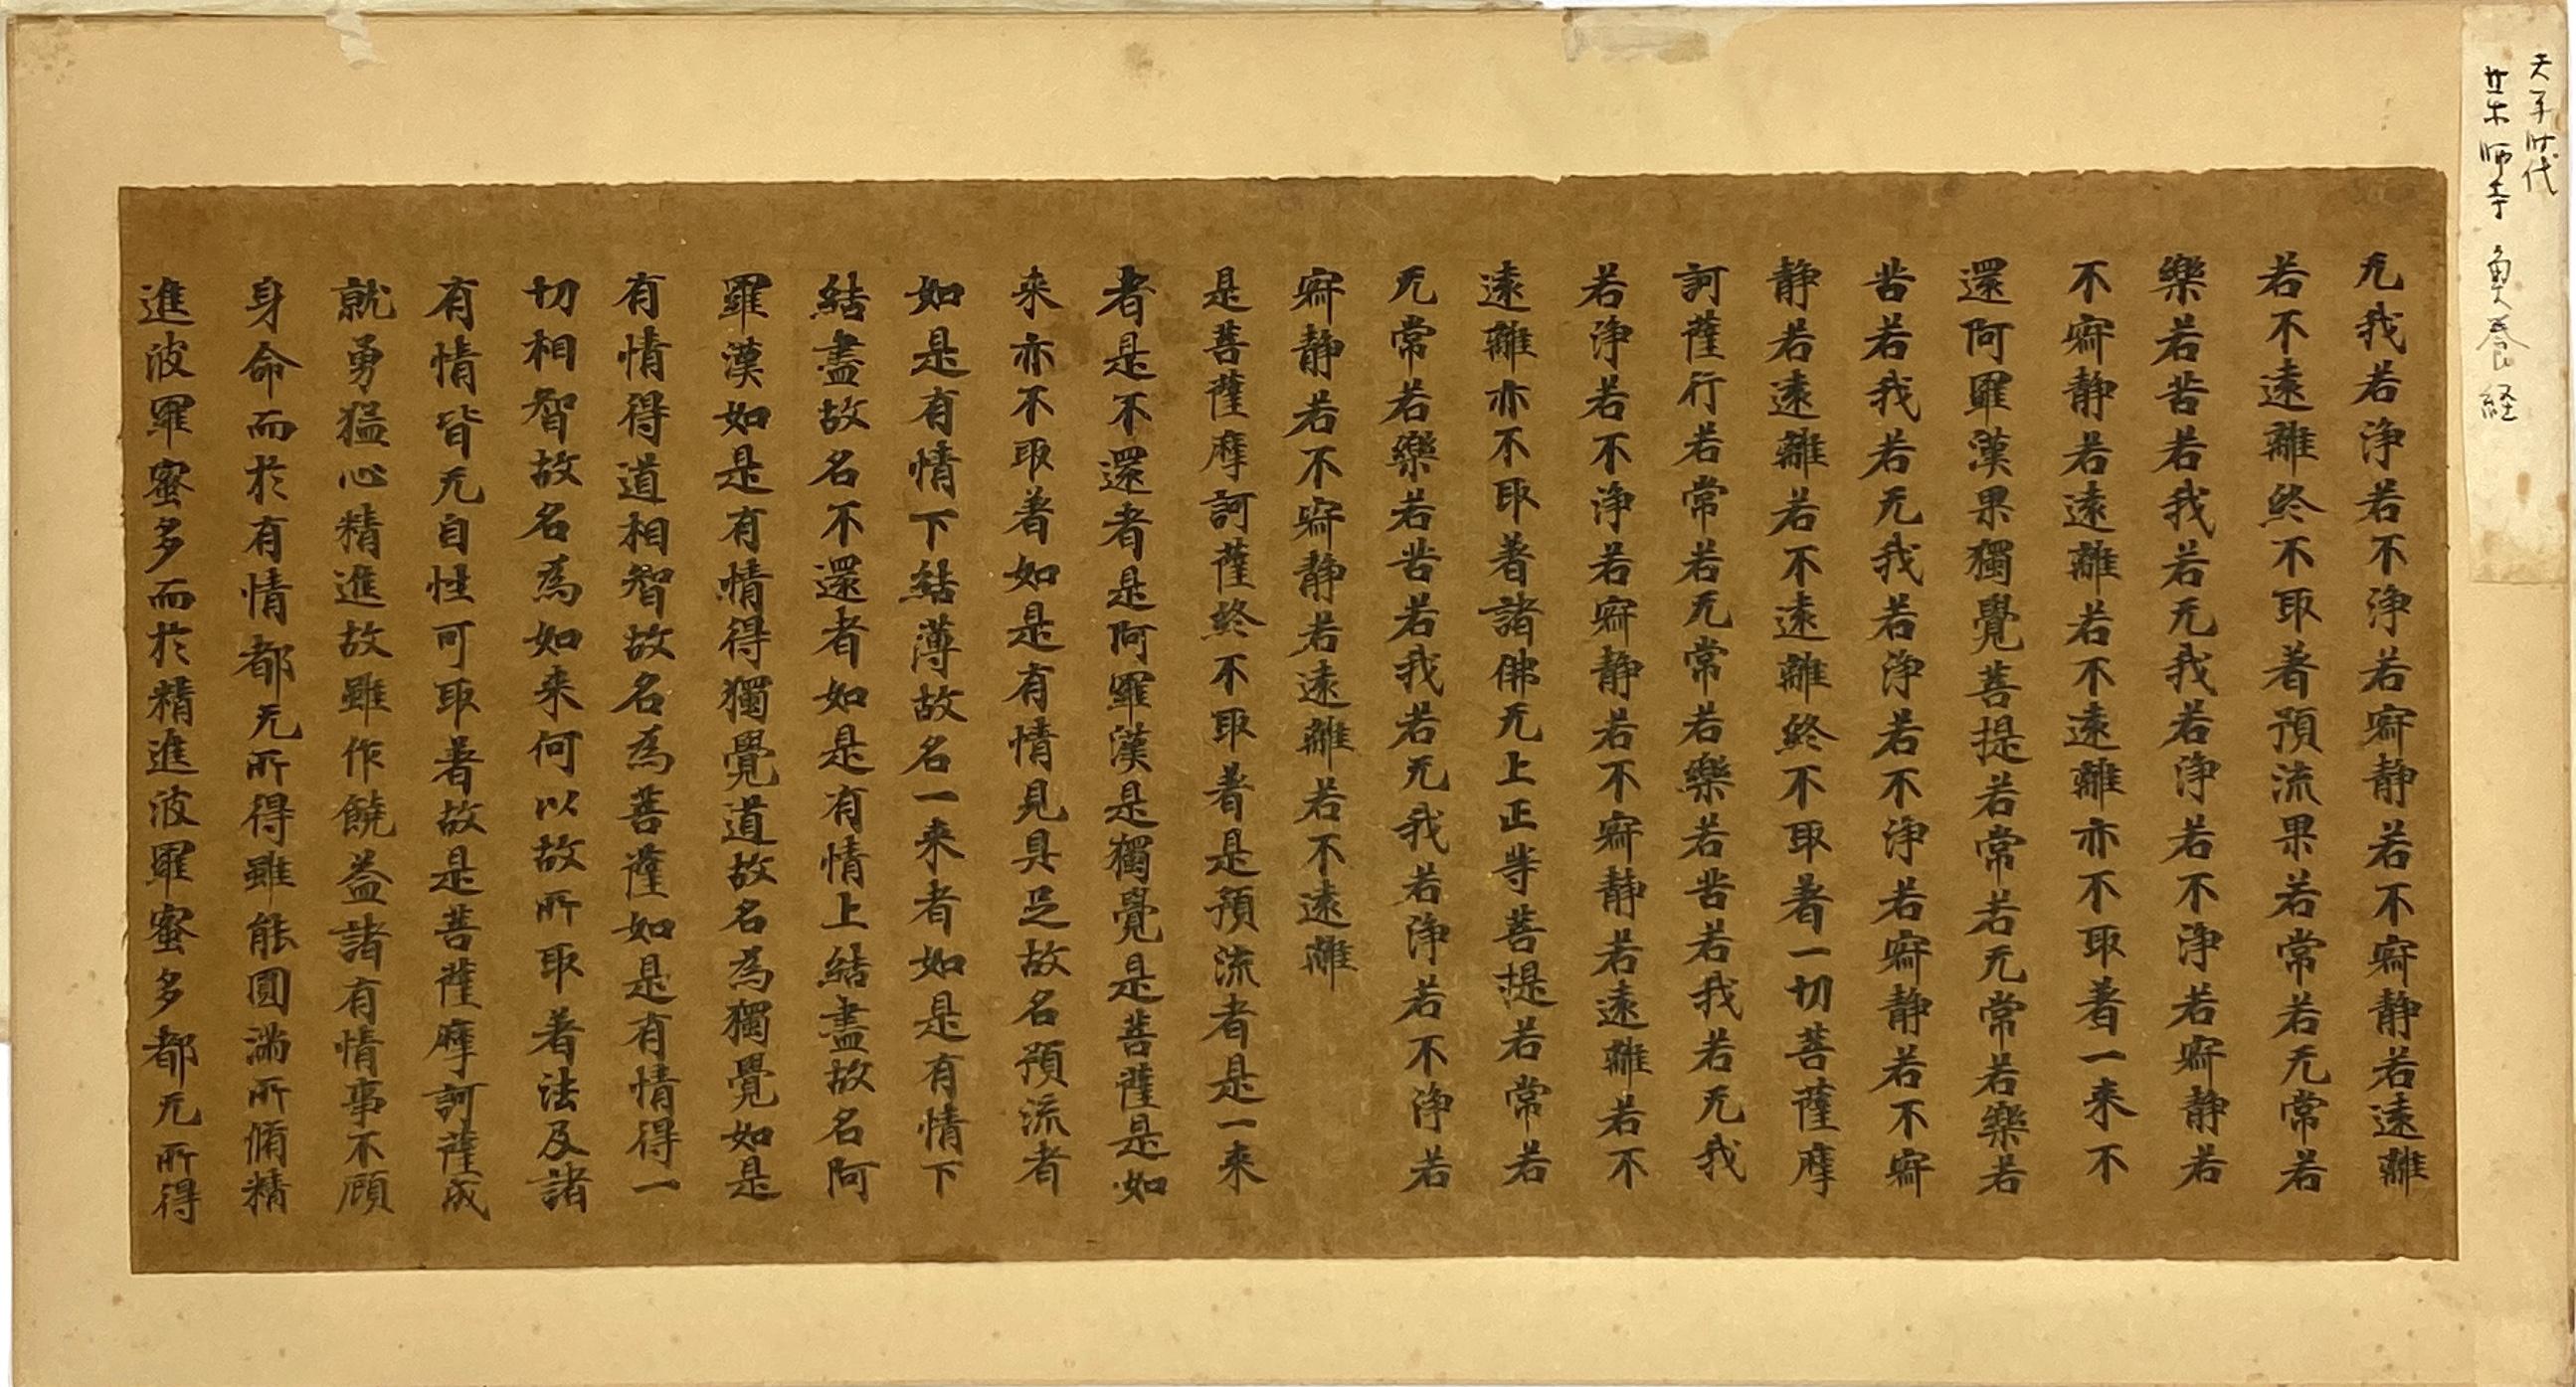 20616八世紀 魚養経 片26.5×57.5cm